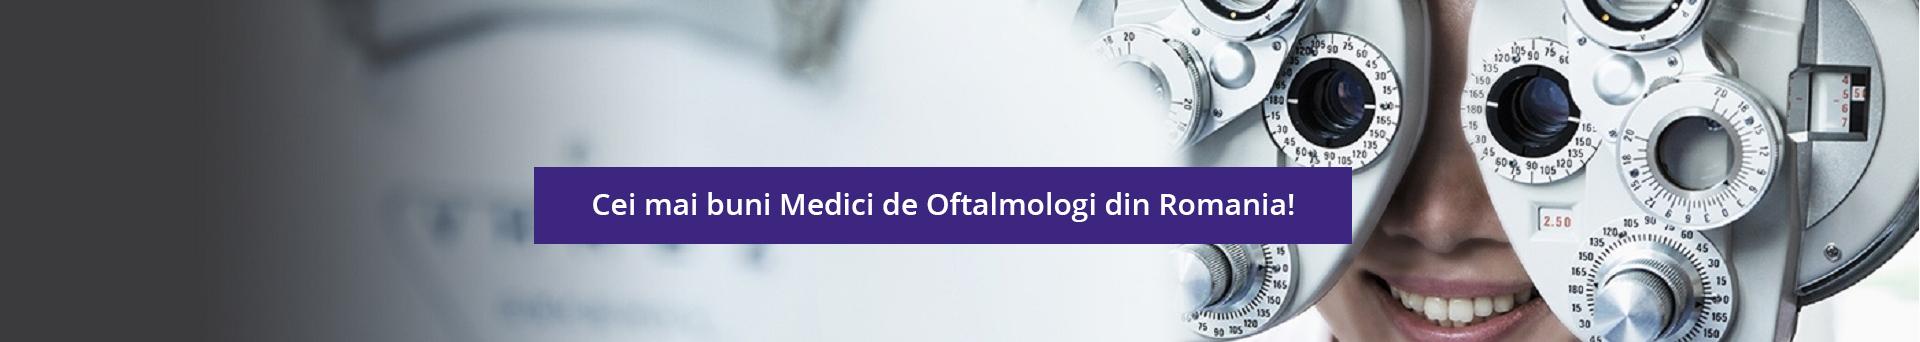 Cei mai buni Medici de Oftalmologi din Romania!